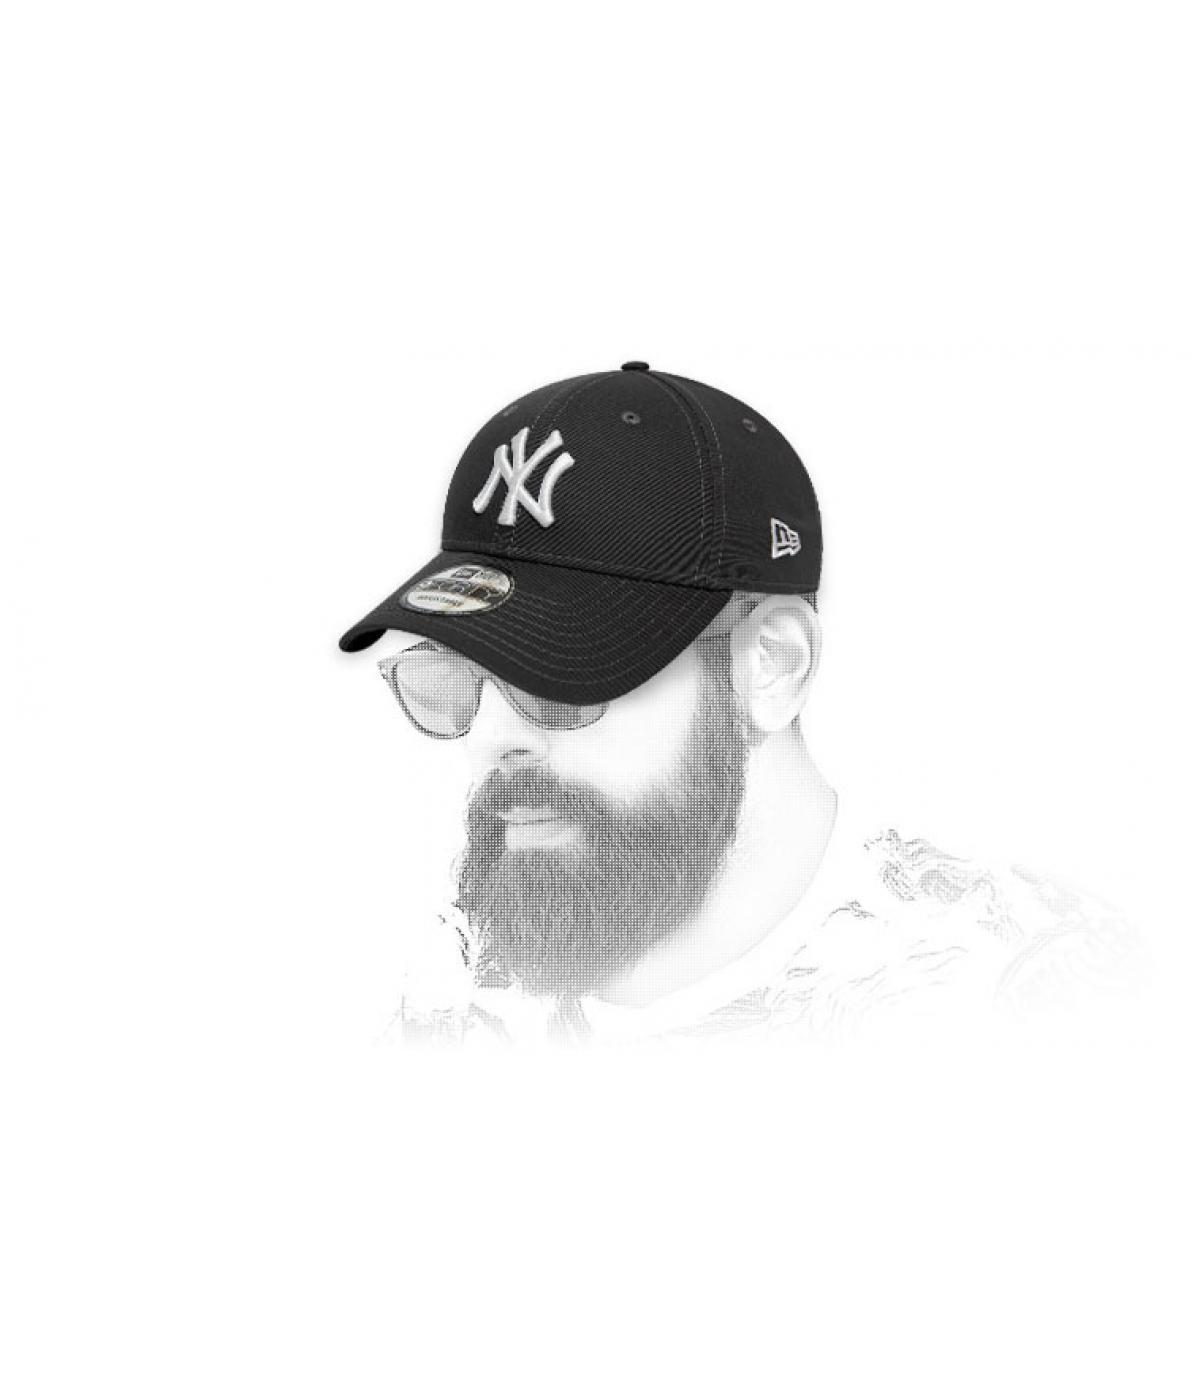 Cap NY grau weiß